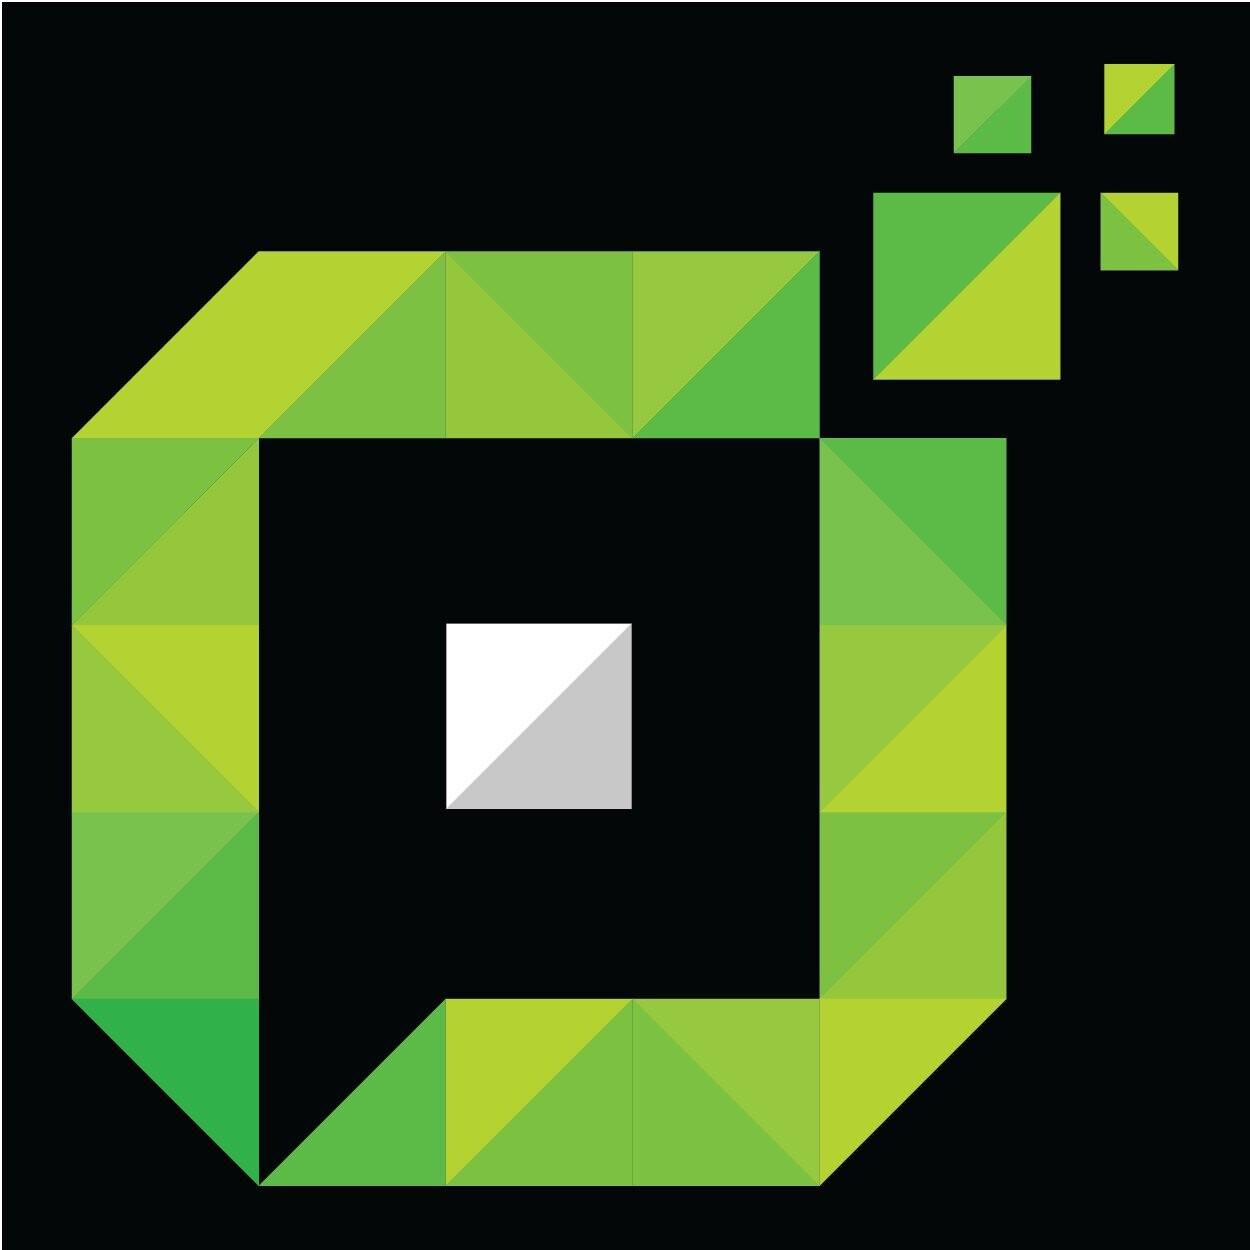 LogoDesignPixels